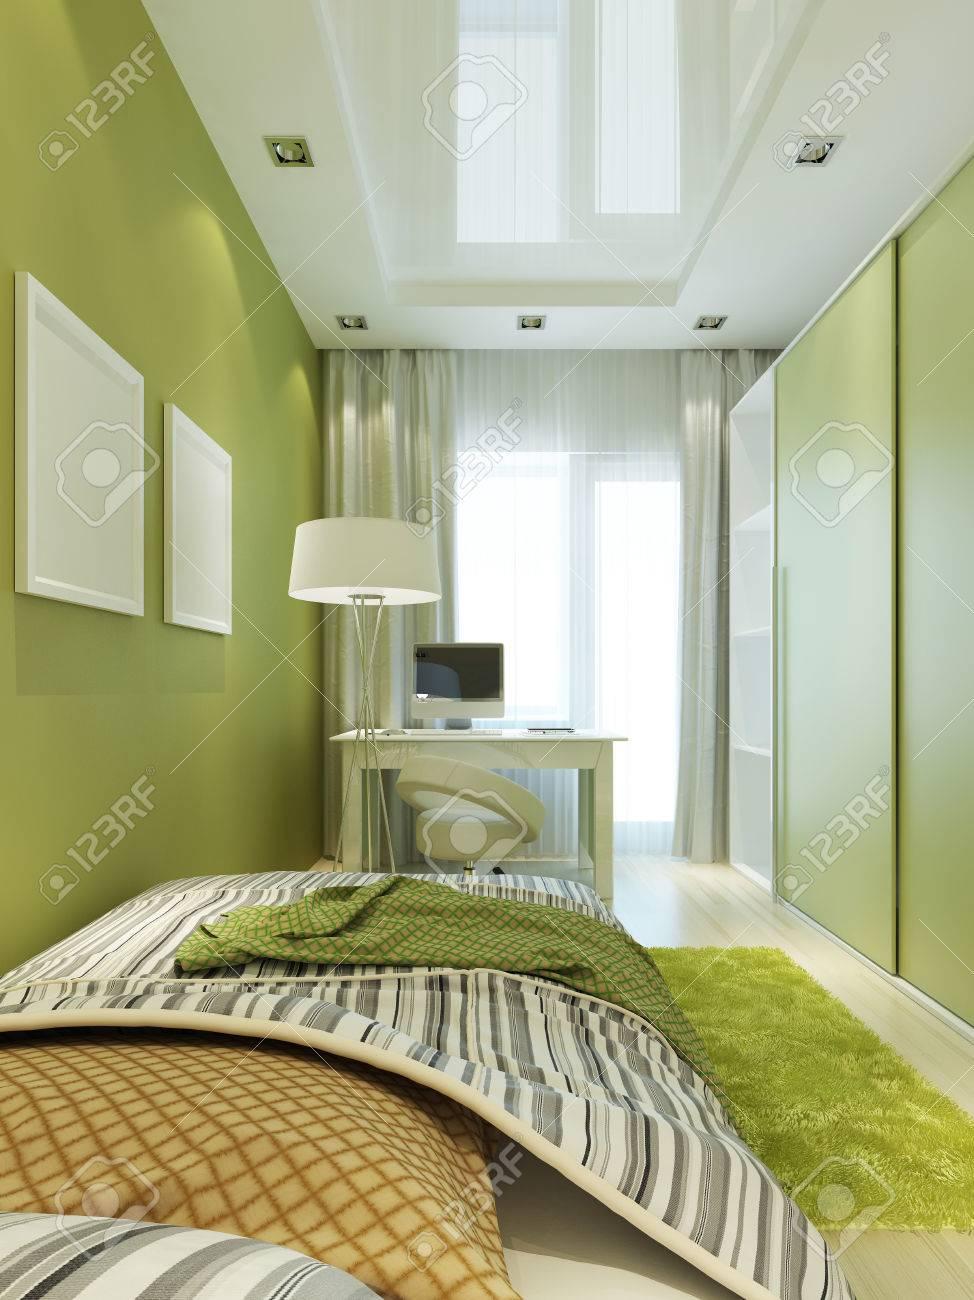 Kinderzimmer Für Den Jungen In Den Hellgrünen Und Weißen Farben Mit  Modellplakat Auf Der Wand.